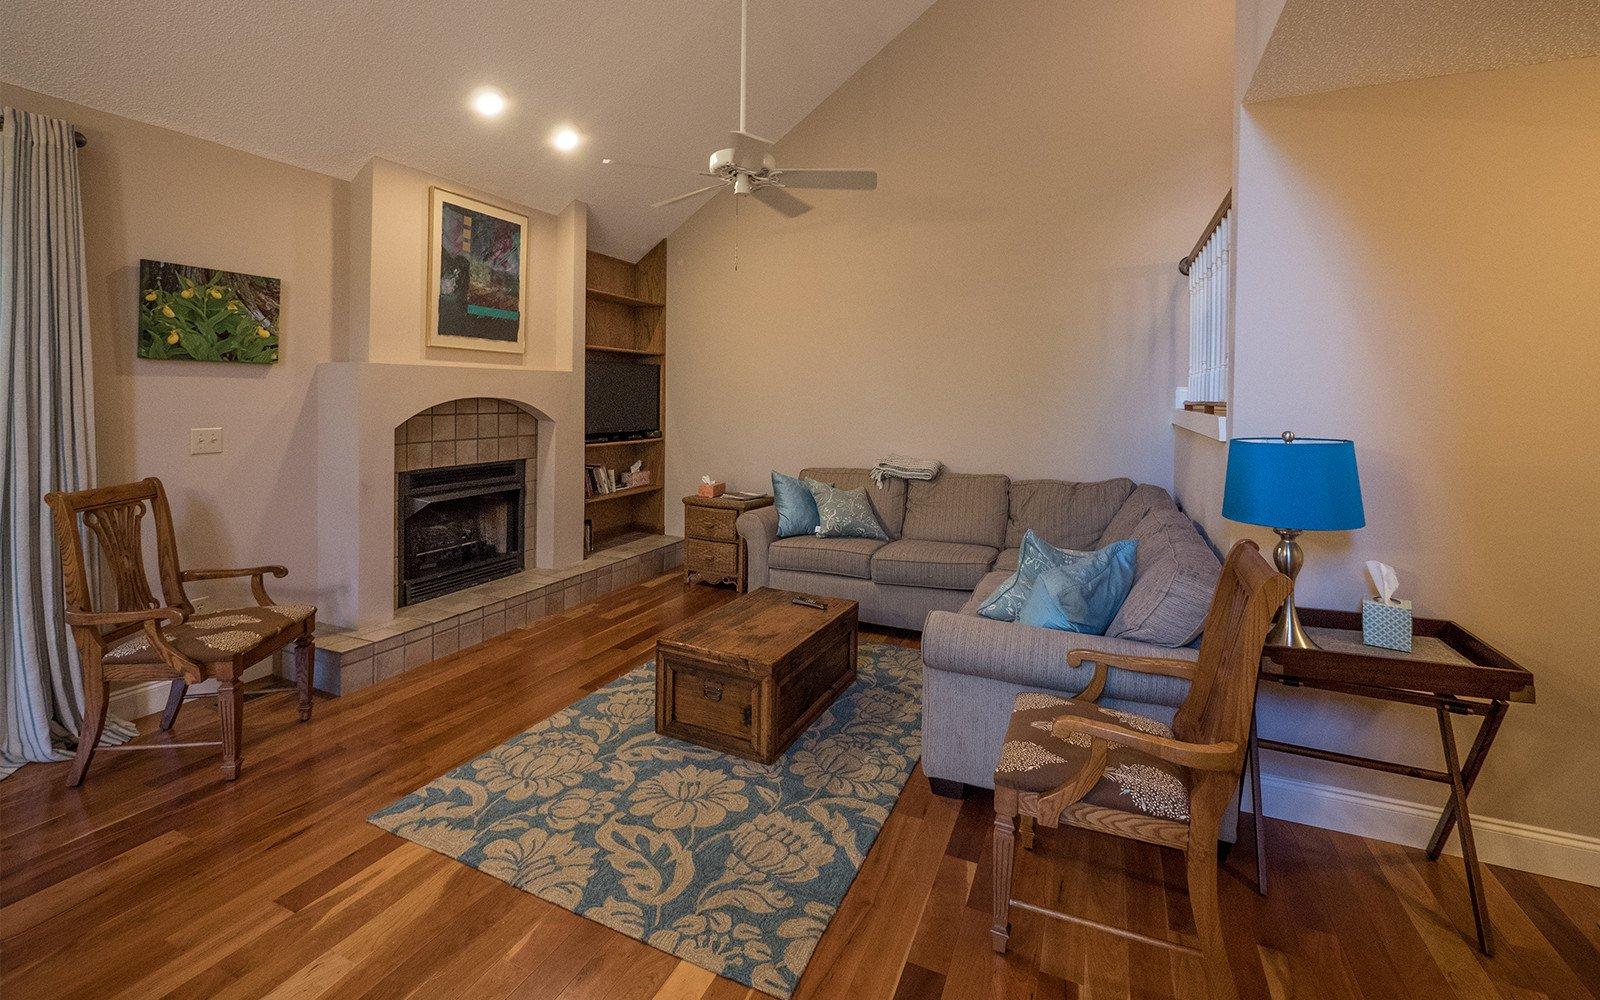 Living room Hilt St house